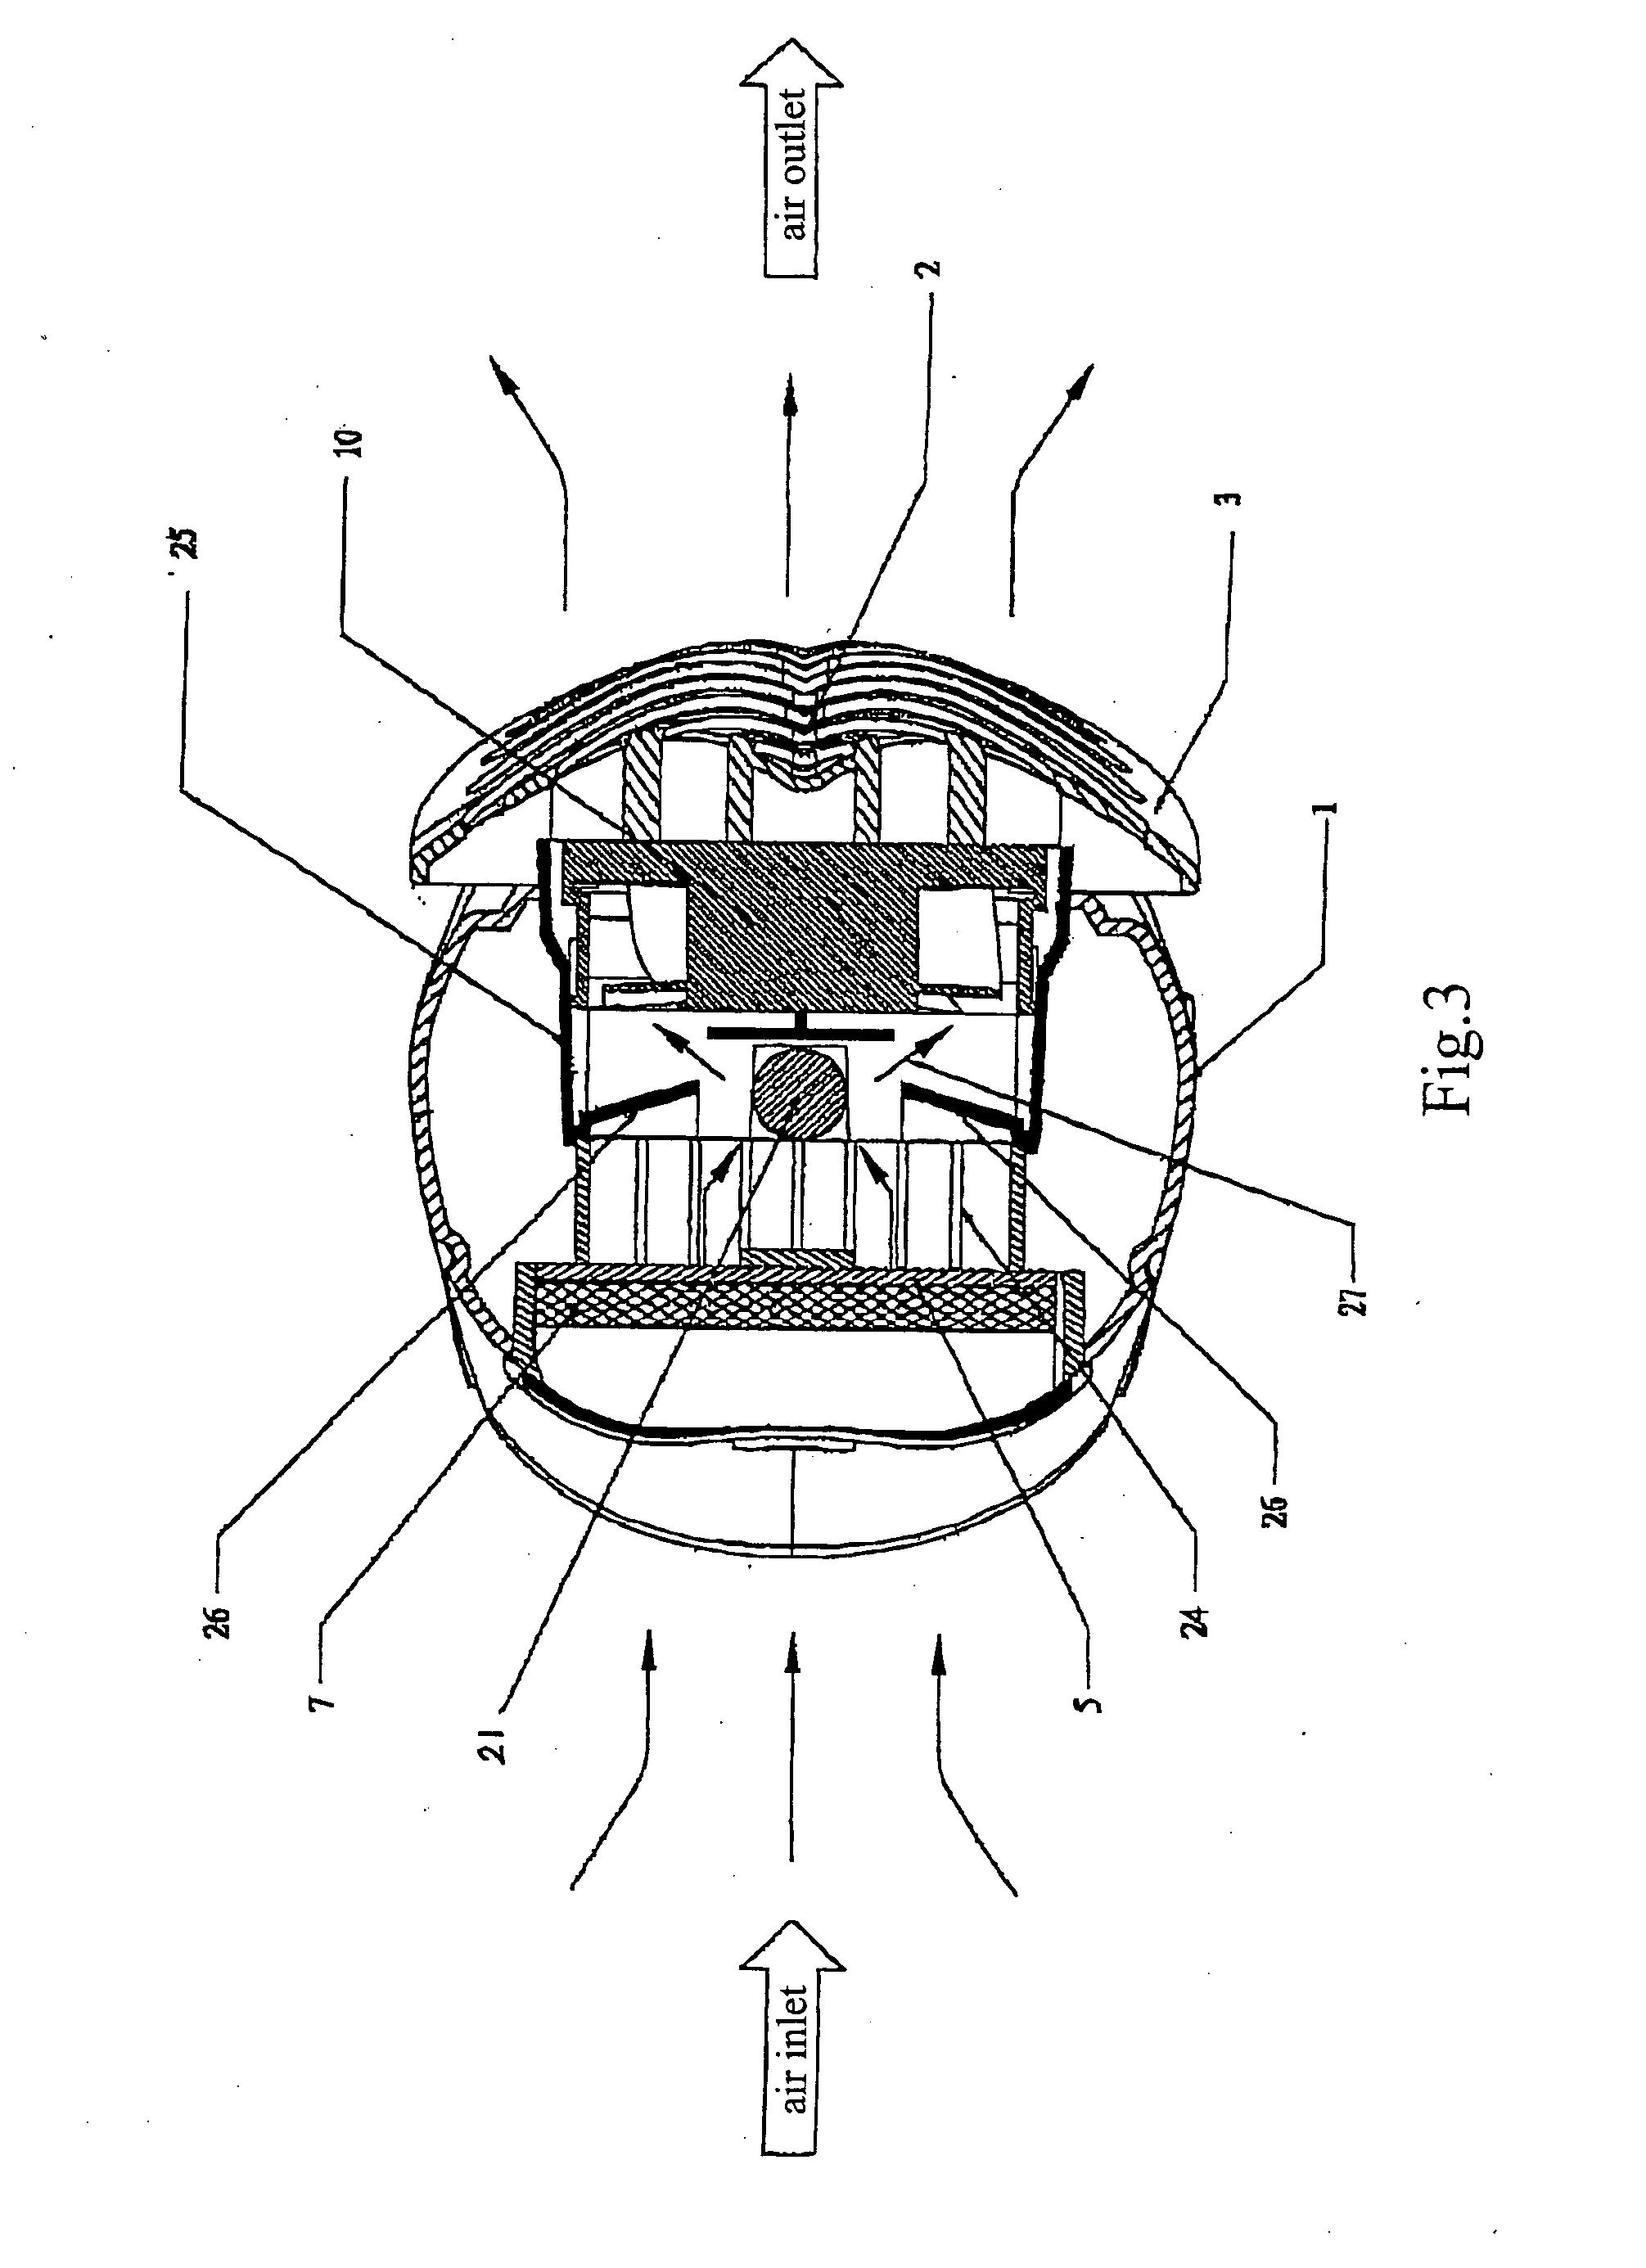 patent us20040241054